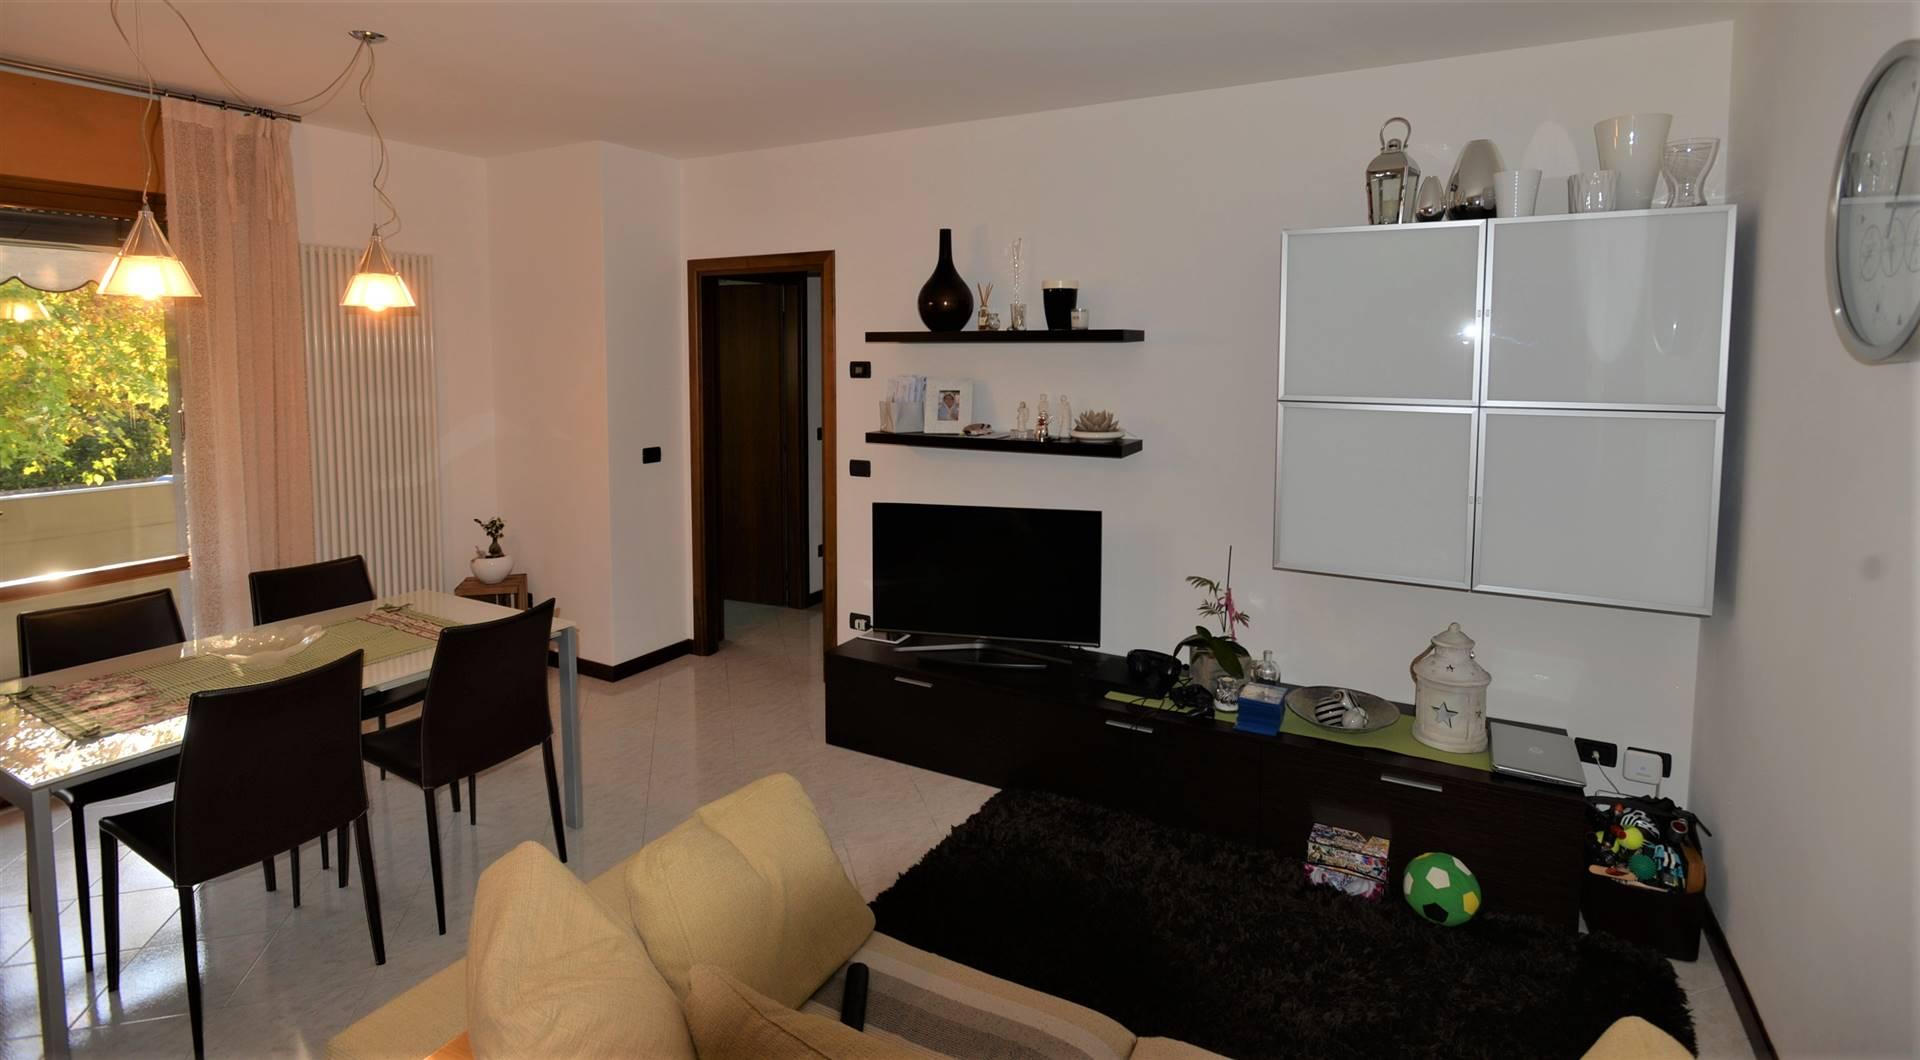 Salzano, comodo al centro, in palazzina di sole sei unità, proponiamo splendido appartamento al piano rialzato con affaccio su bel giardino condominiale. L'appartamento è in ottime condizioni di